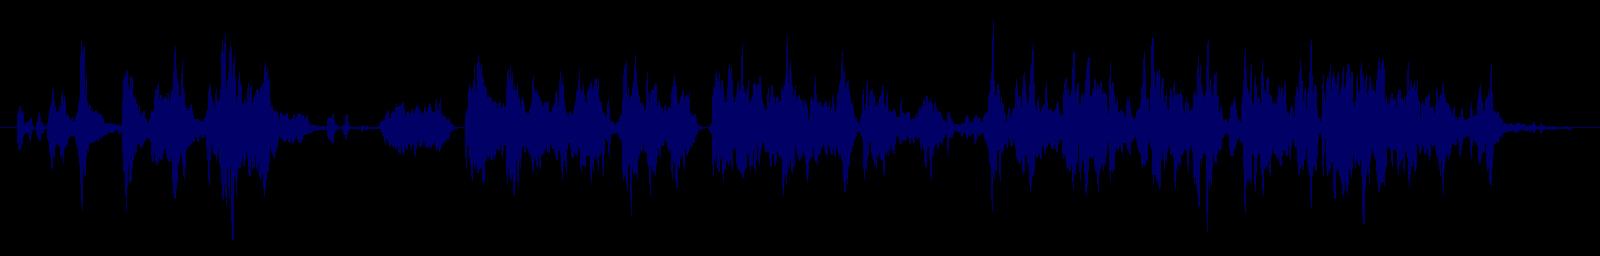 waveform of track #146387